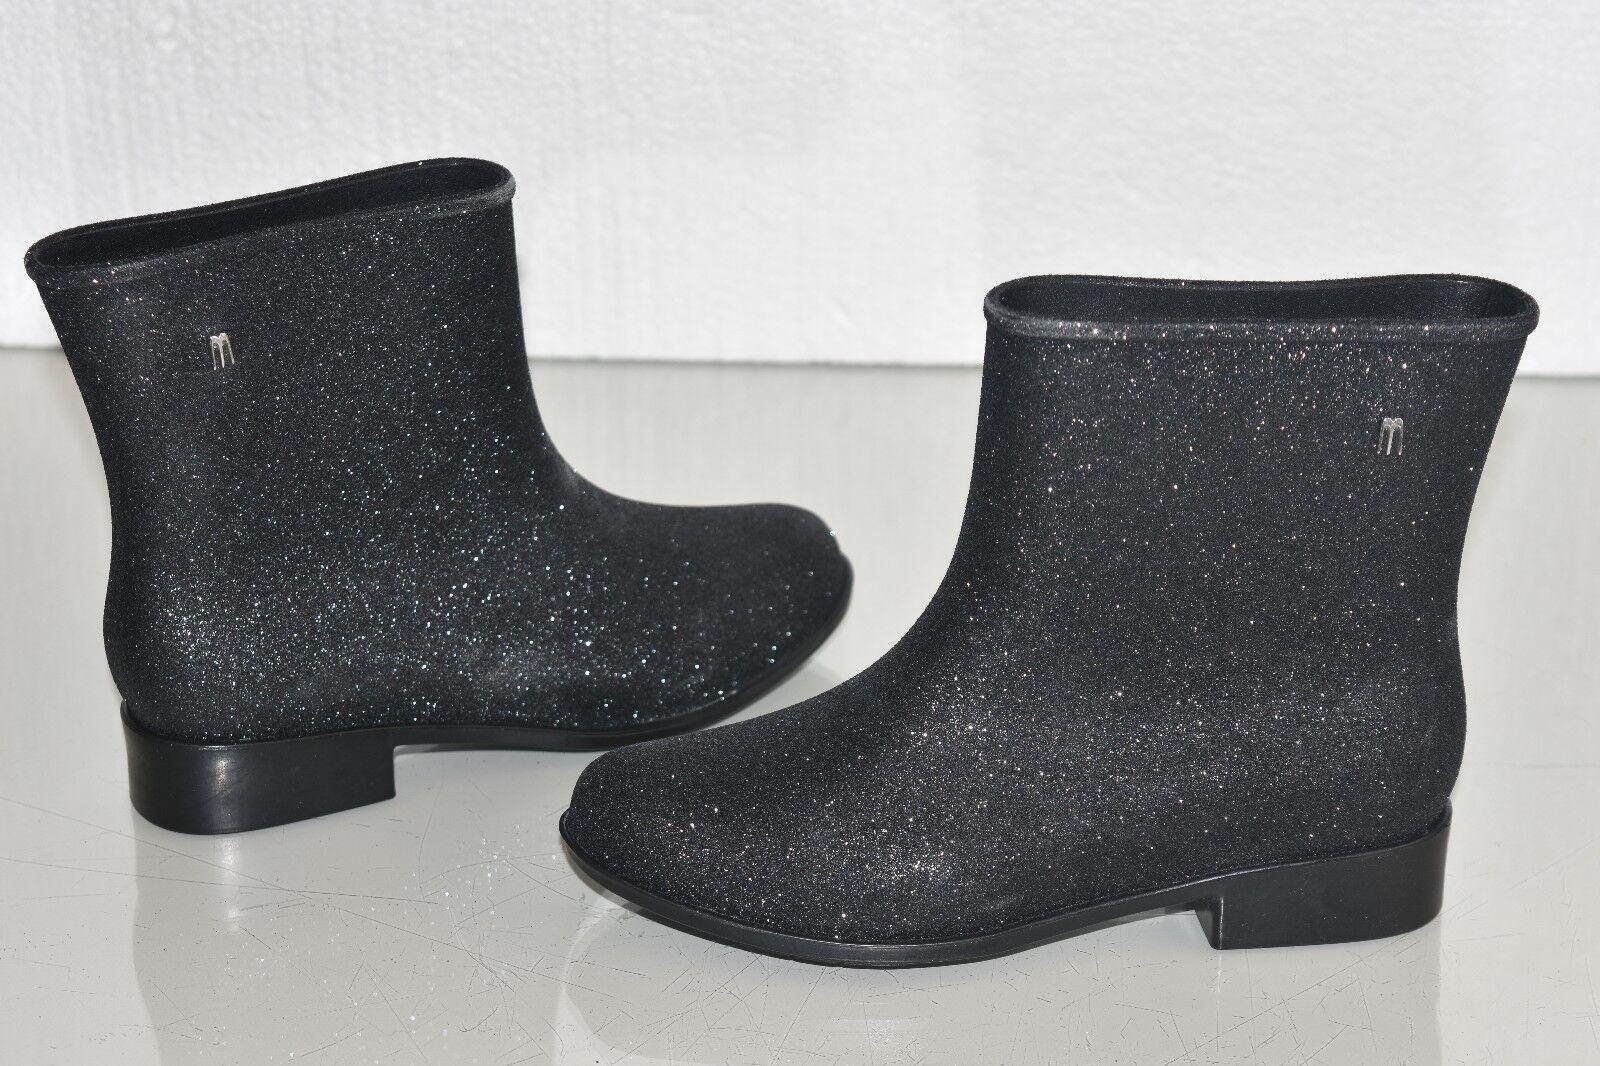 Nuevo gris Melissa Moon Polvo Negro Purpurina gris Nuevo Botines botas Us 5 b9bb70